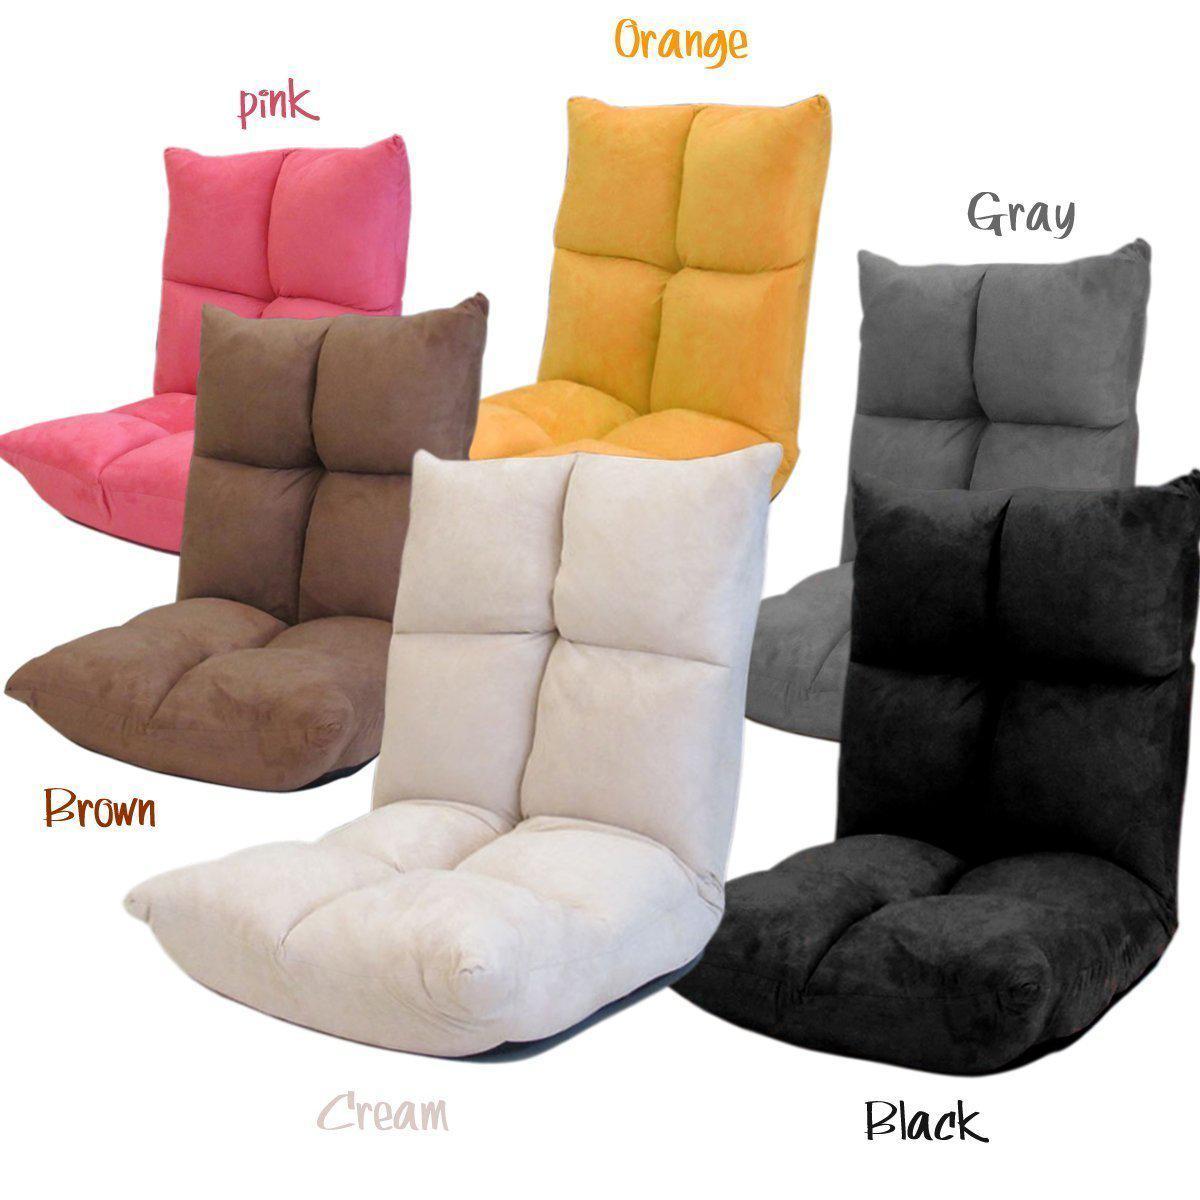 2017 Folding Chairs Sofa Set Leather Sofa Lounge Sofa Chairs Lazy Sofa So